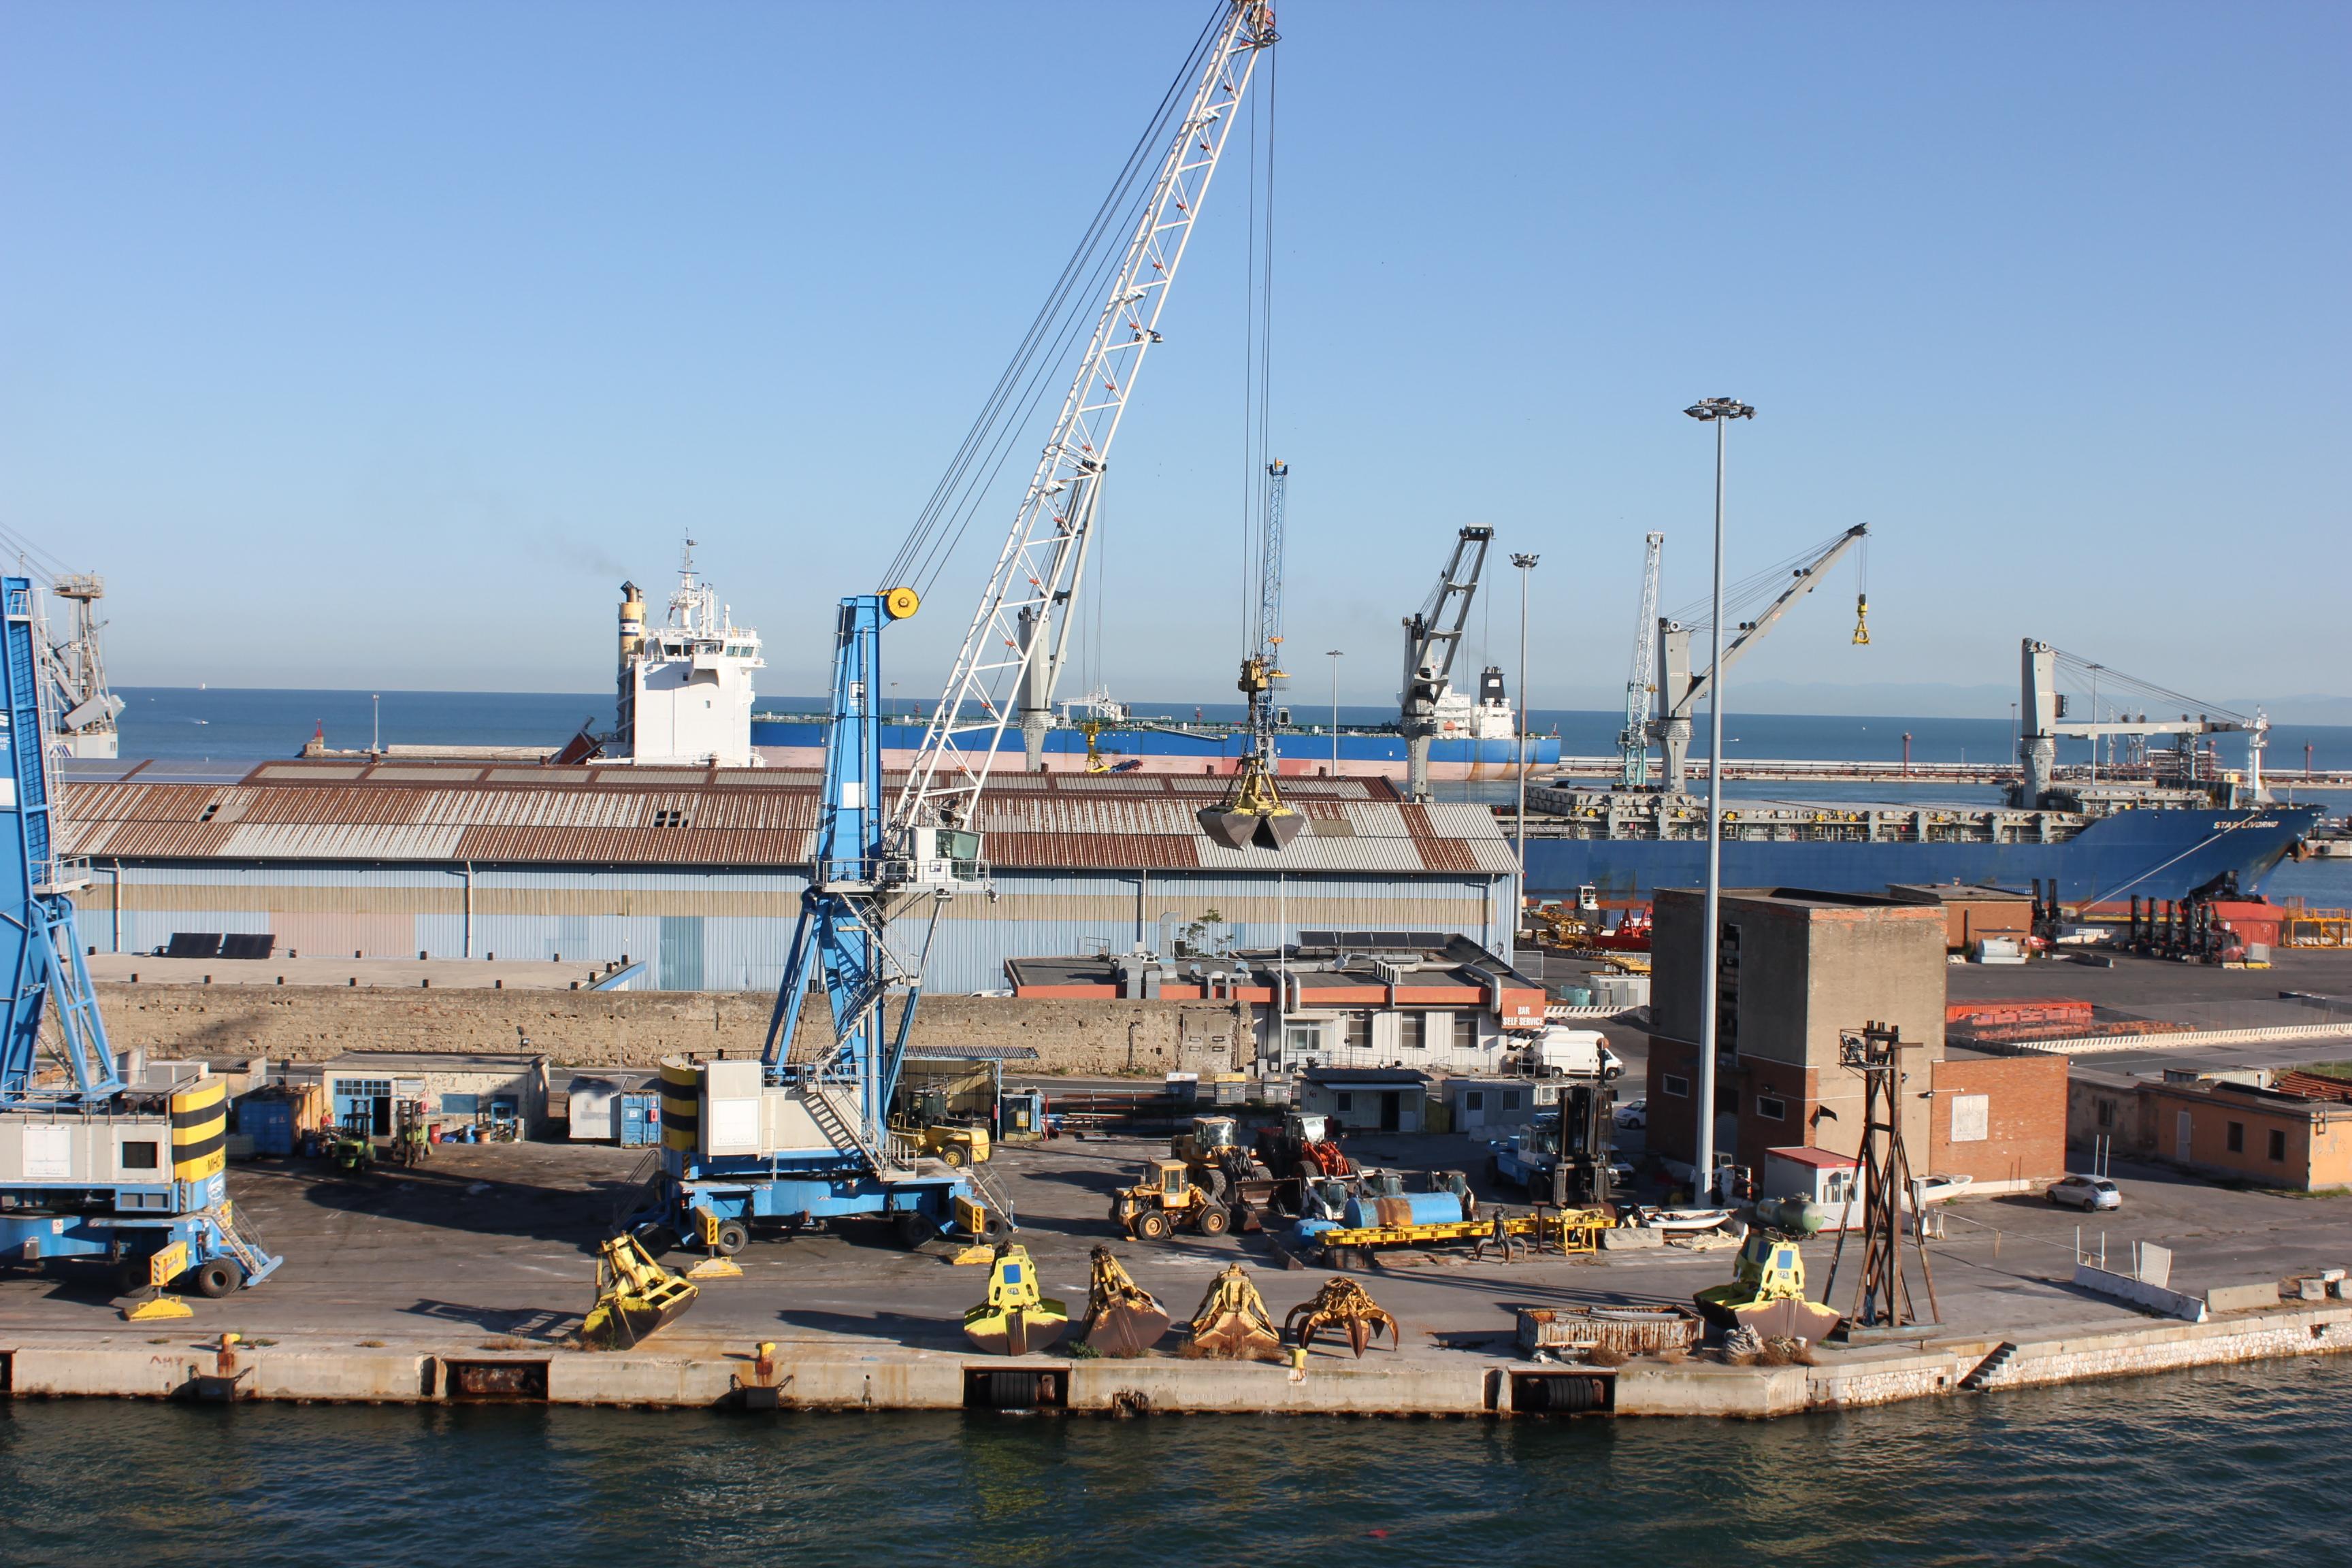 sicurezza in porto area di crisi di livorno